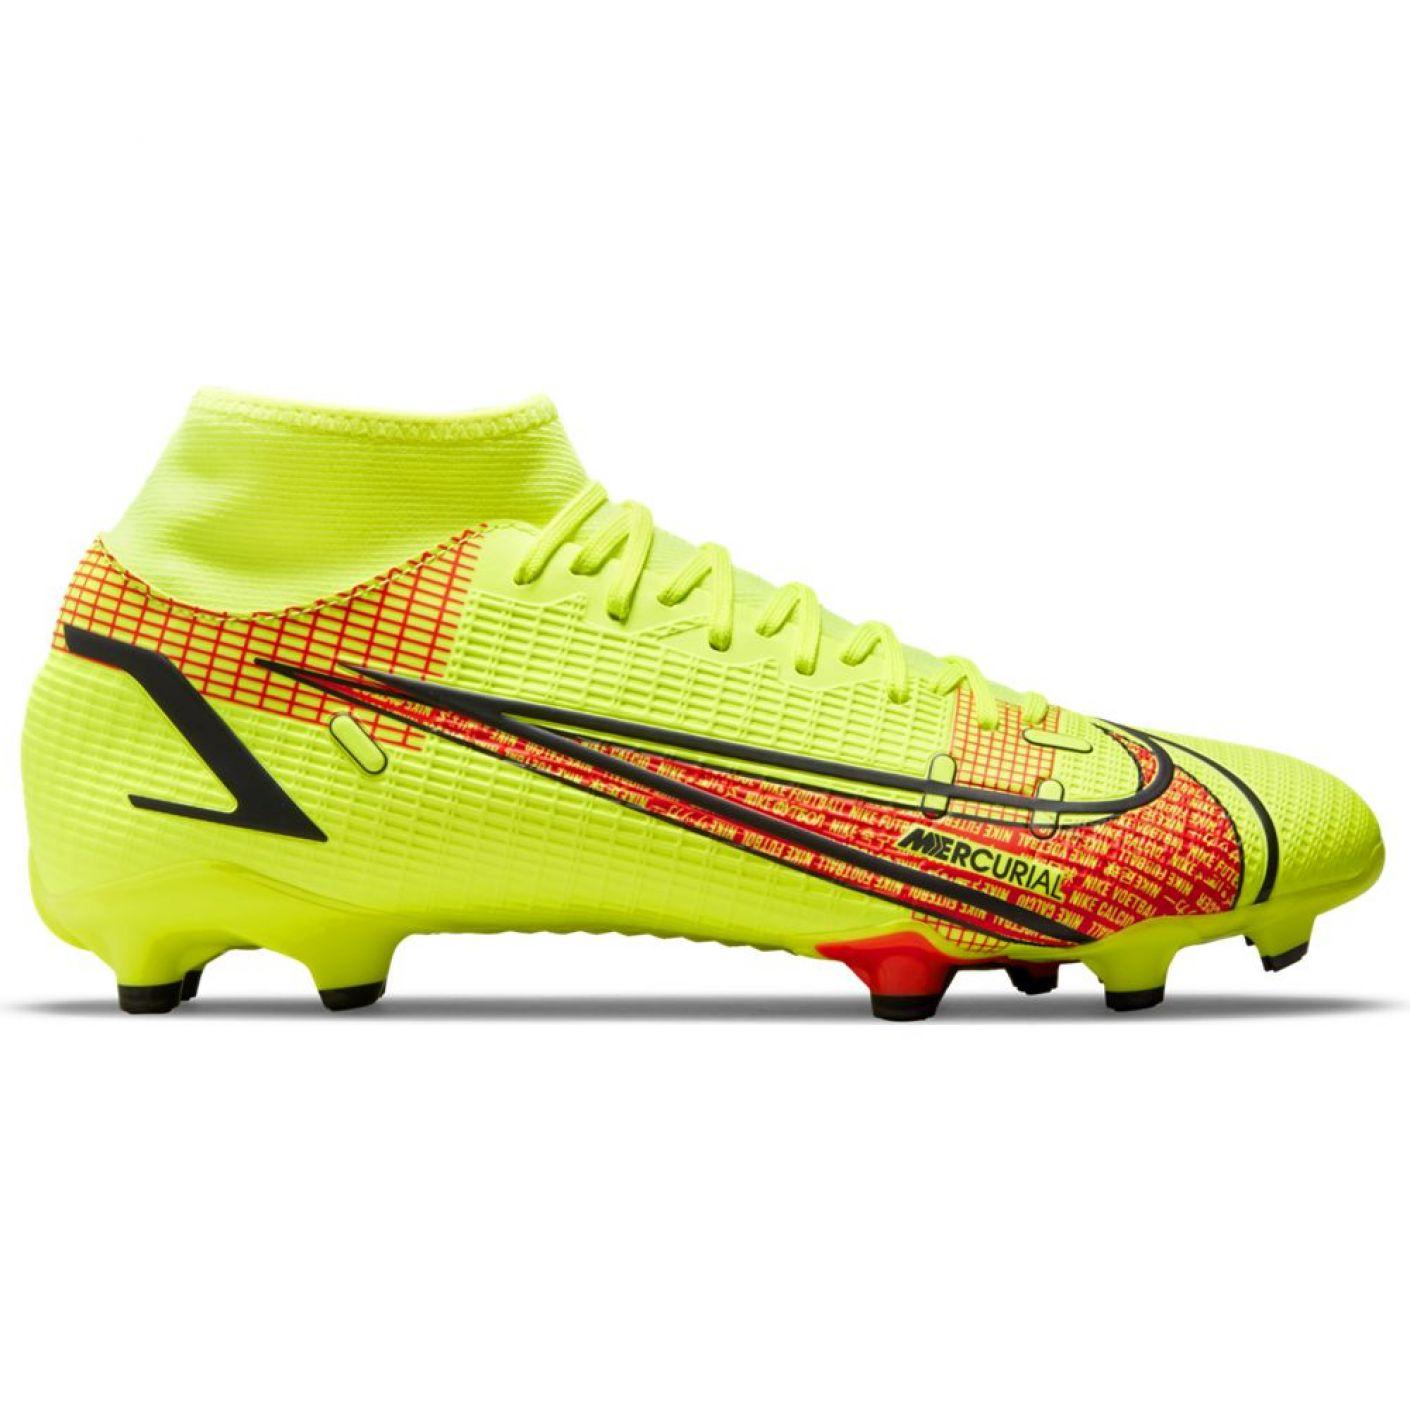 Nike Mercurial Superfly 8 Academy Gras / Kunstgras Voetbalschoenen (MG) Wit Zwart Rood